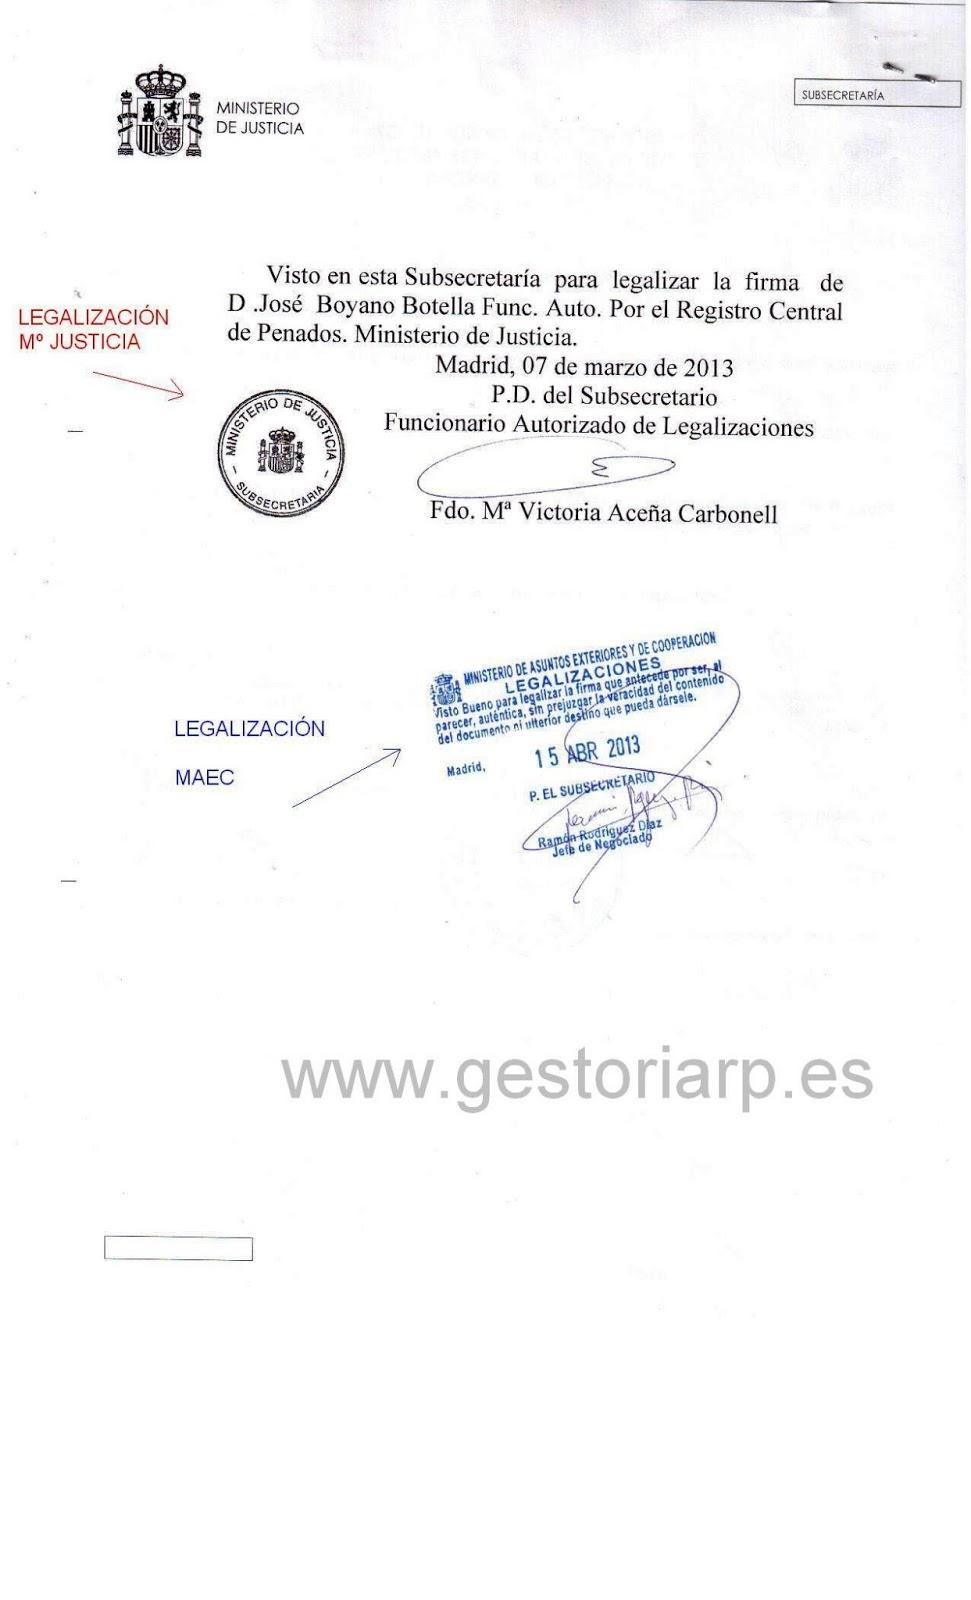 consulta procesos penales por cedula autos post